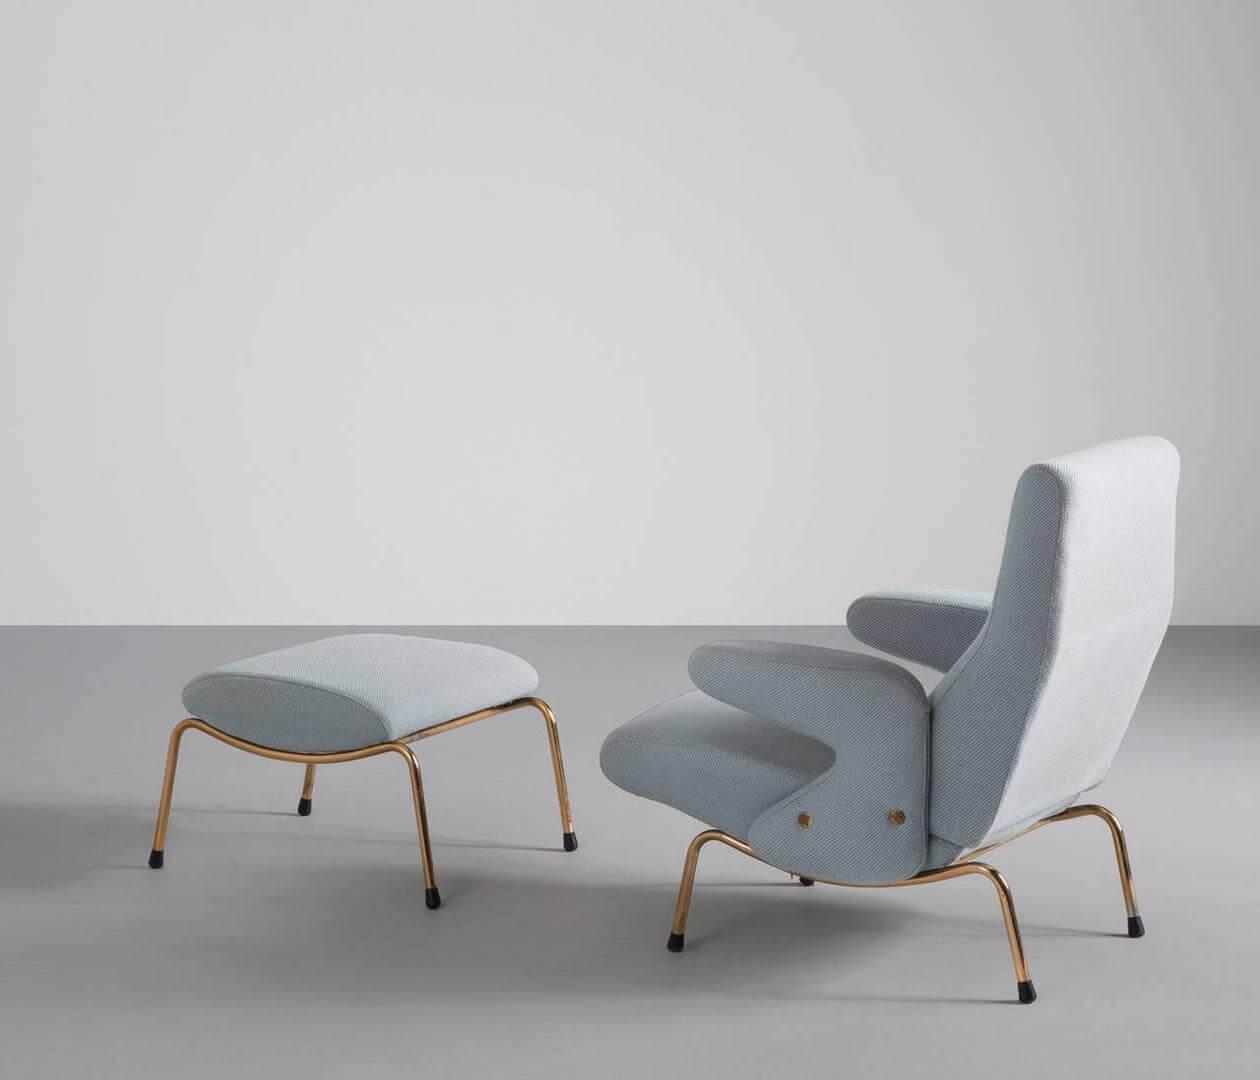 Delfino chair 1954 voetenbank